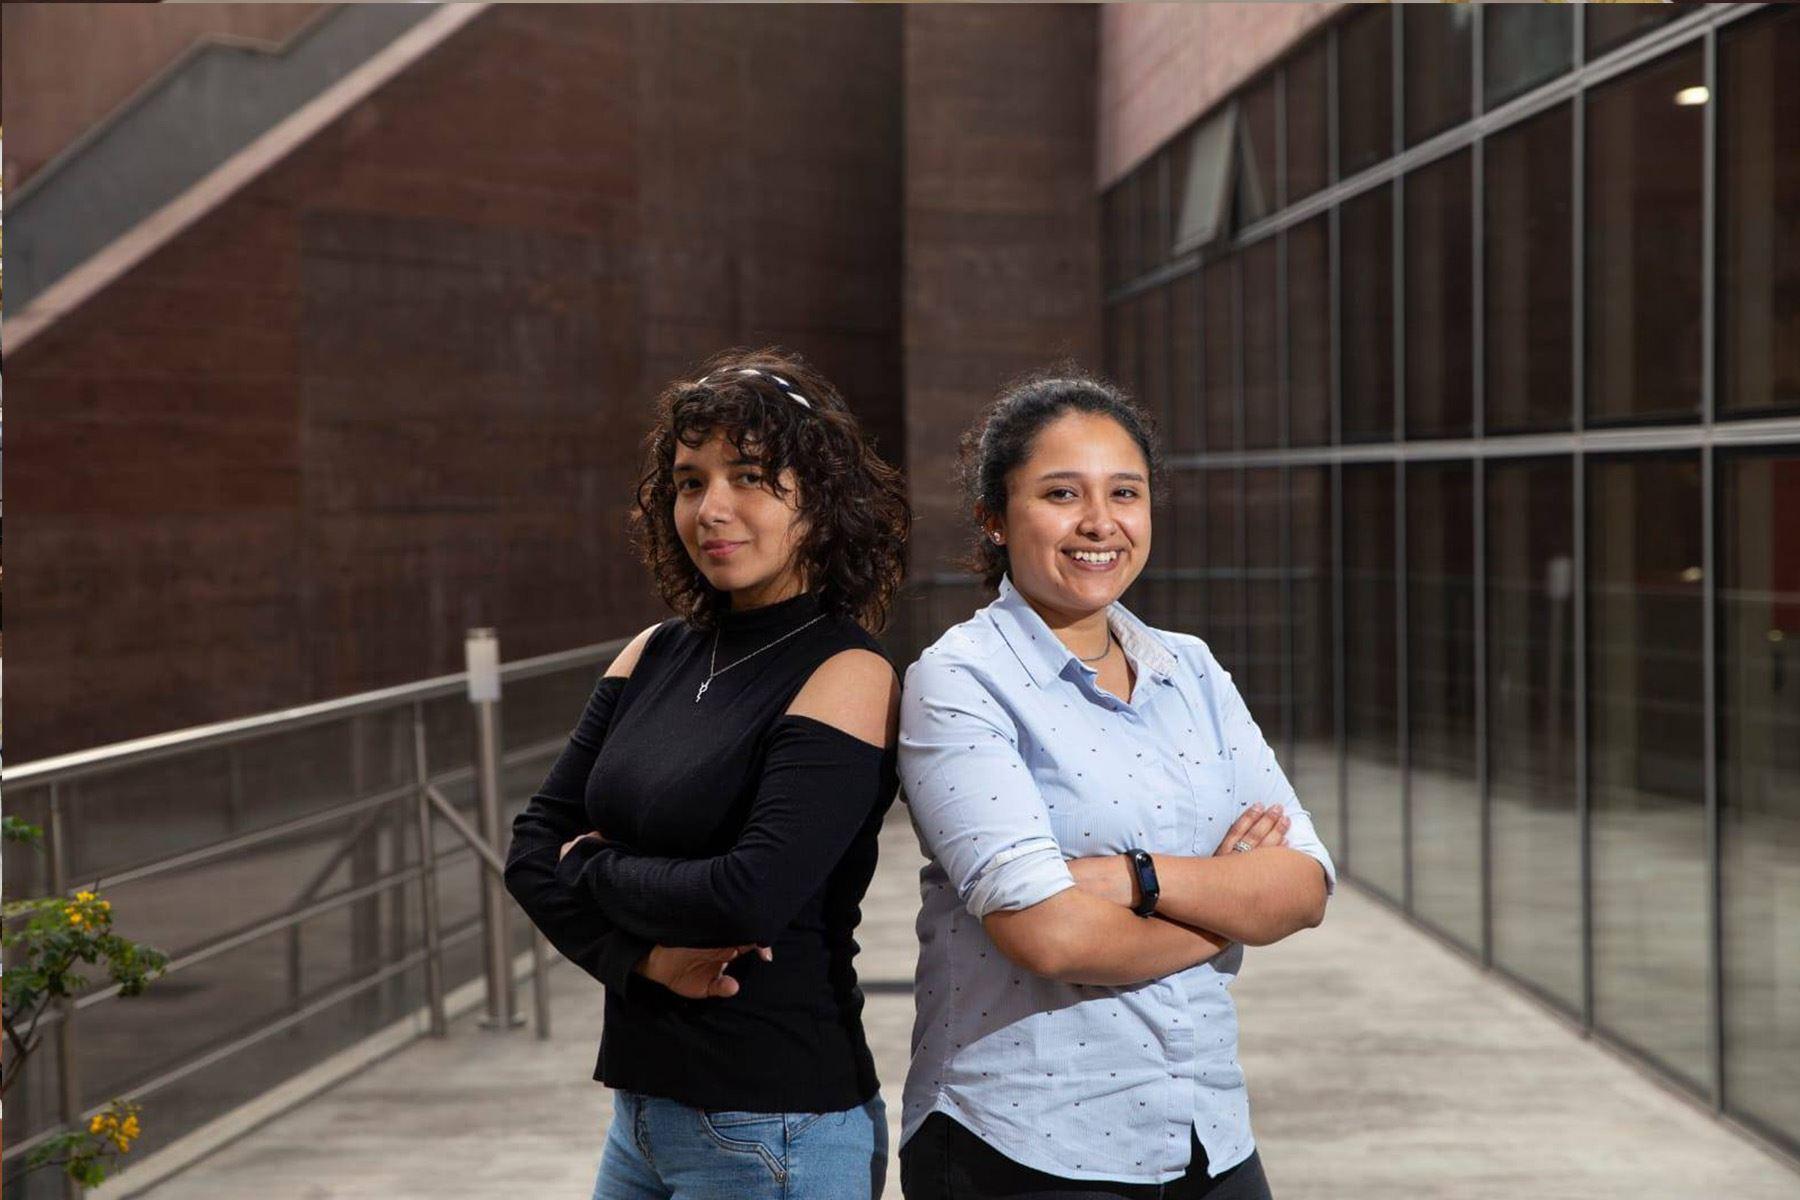 La ingeniera mecatrónica Midori Sánchez y Marcela Gonzáles, egresada PUCP de la Especialidad de Diseño Industrial son las creadoras de los robots.